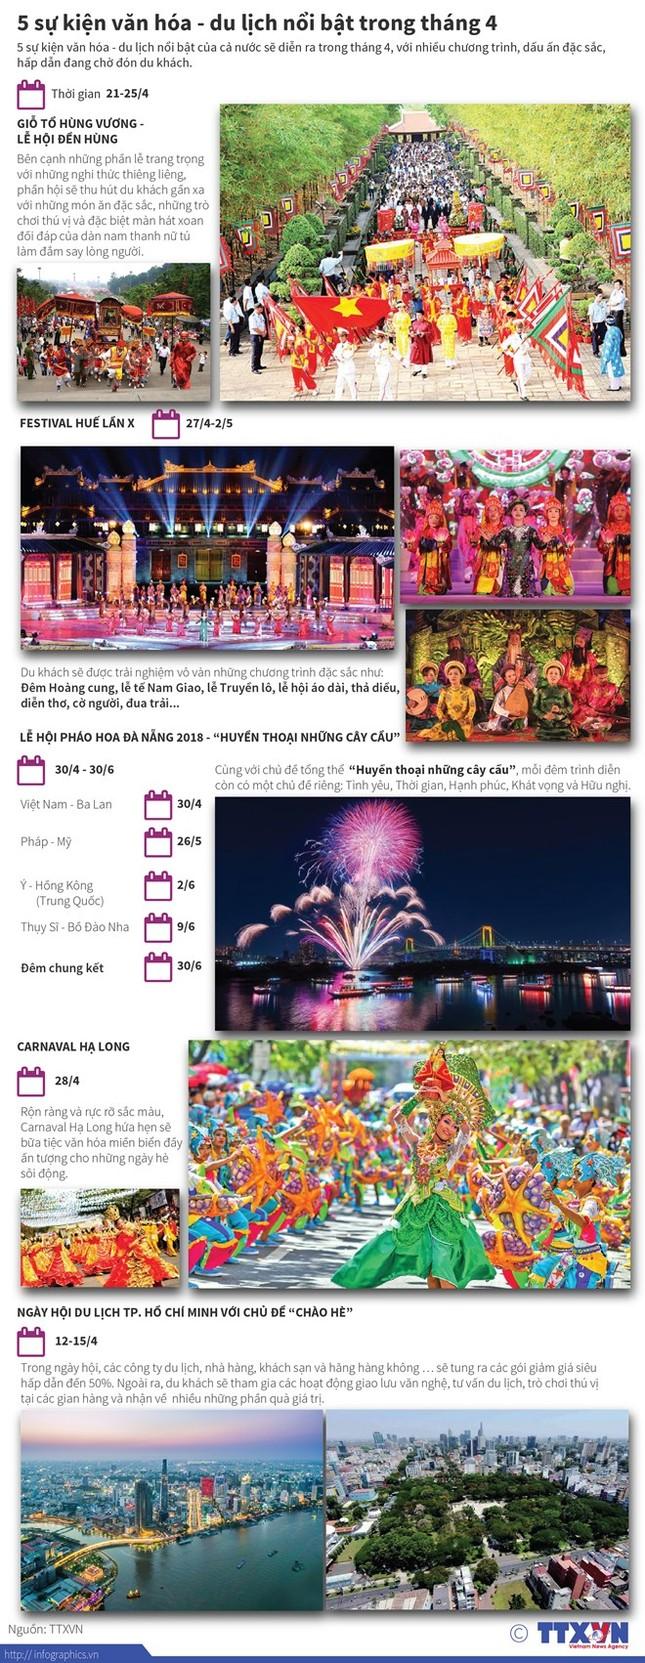 Năm sự kiện văn hóa - du lịch nổi bật trong tháng Tư - ảnh 1